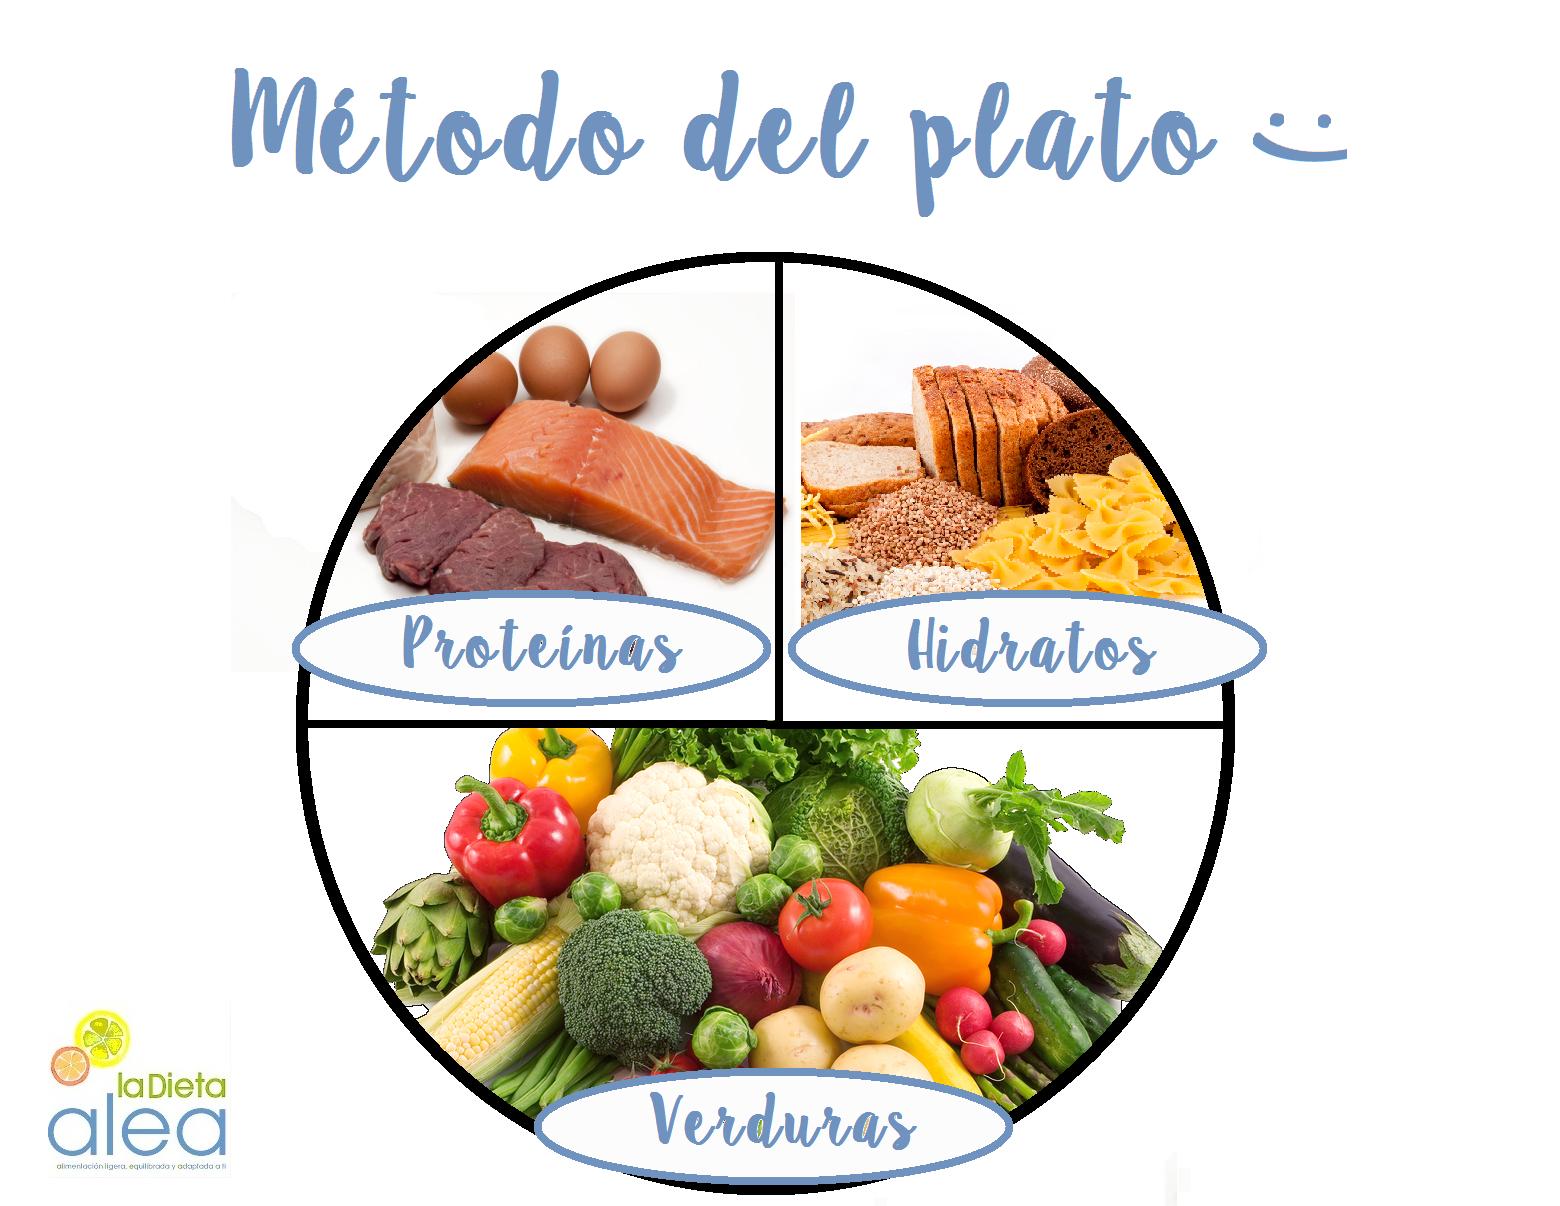 La dieta alea blog de nutrici n y diet tica trucos para - Comida sana para adelgazar ...